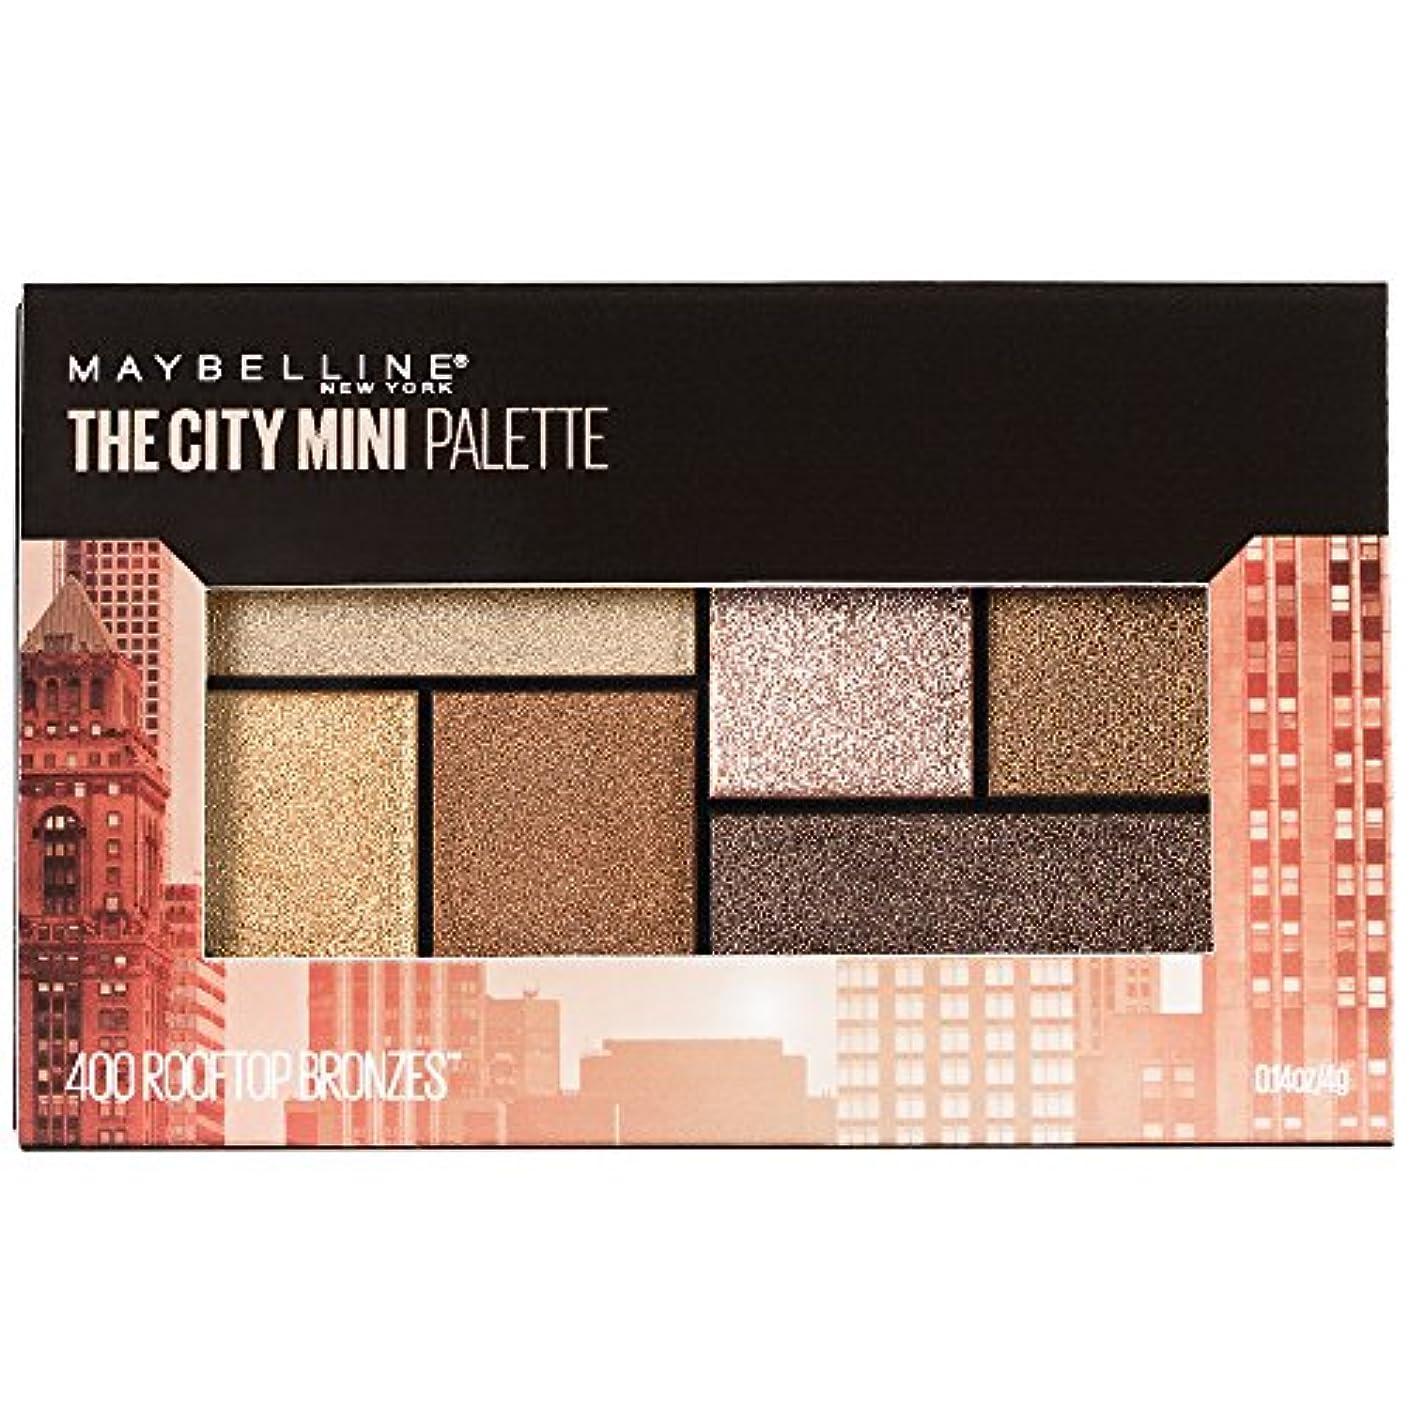 ファイター詩人立派なMAYBELLINE The City Mini Palette - Rooftop Bronzes (並行輸入品)